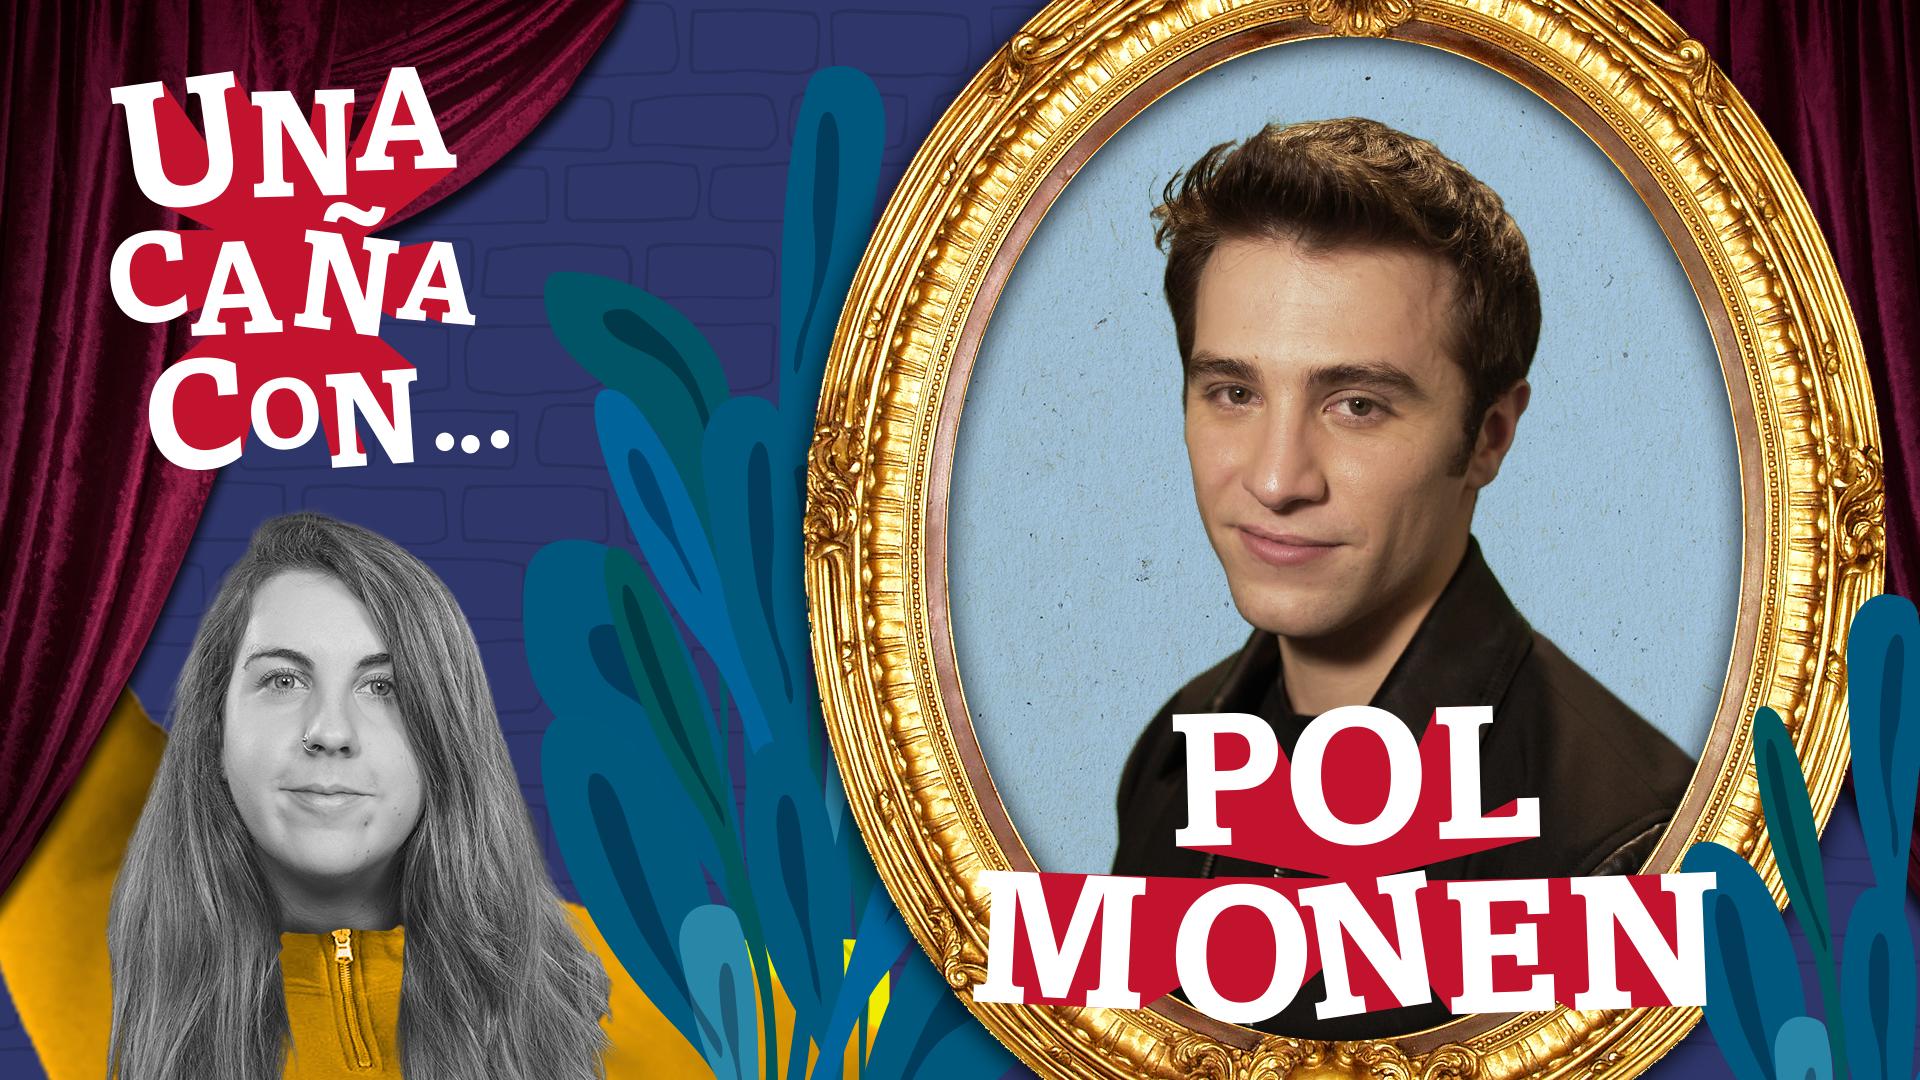 #UnaCañaCon... Pol Monen